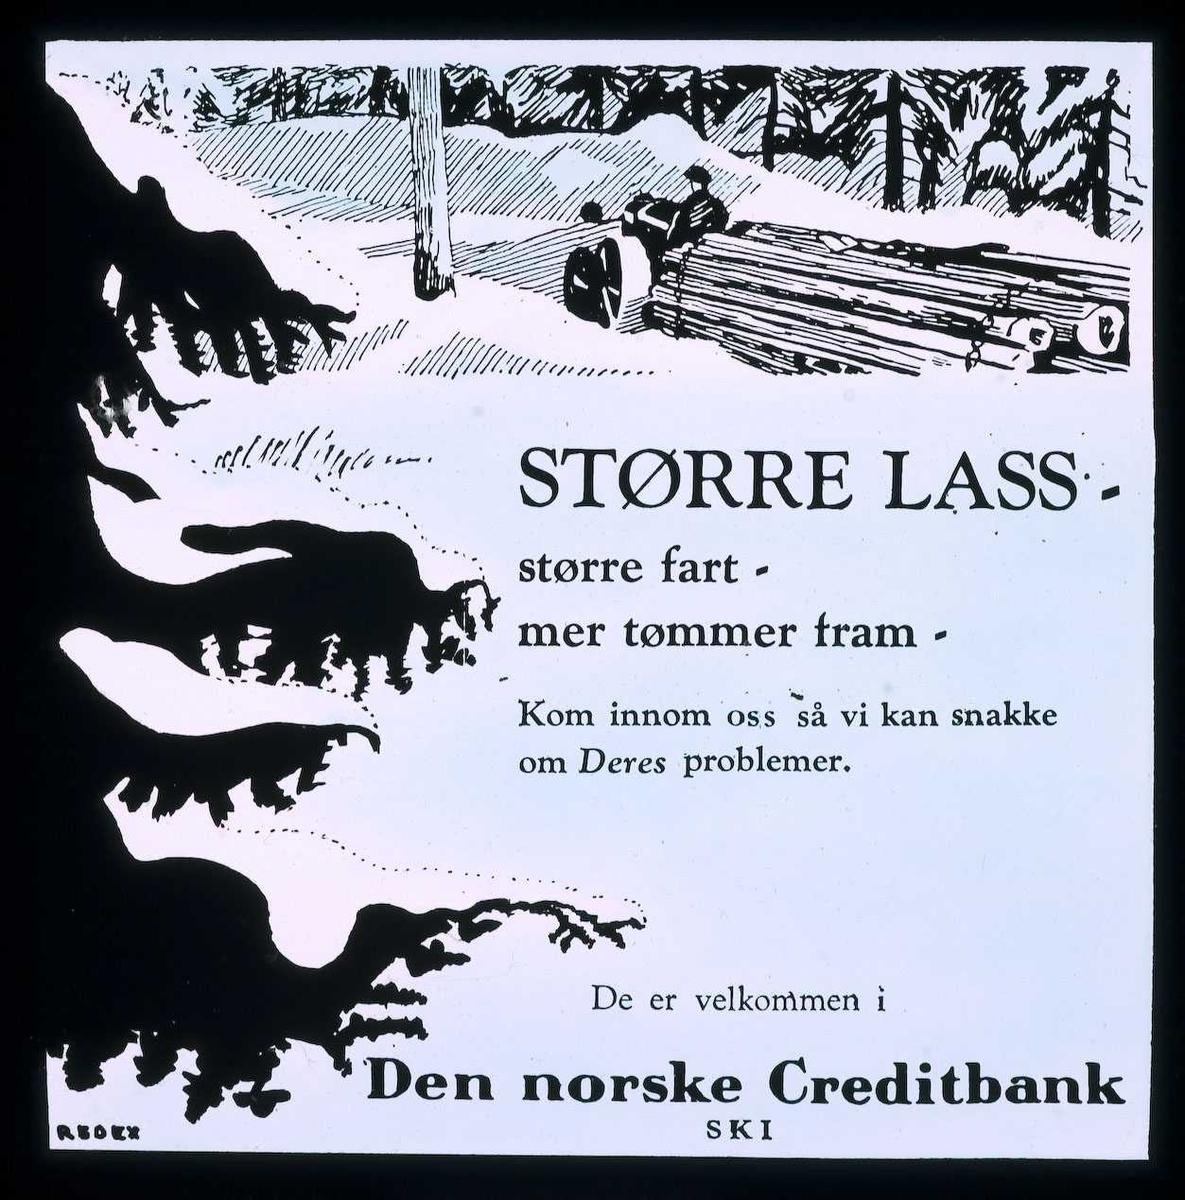 Kinoreklame fra Ski. Større lass. større fart, mer tømmer fram. Kom innom oss så vi kan snakke om Deres problemer. De er velkommen i Den norske Creditbank, Ski.